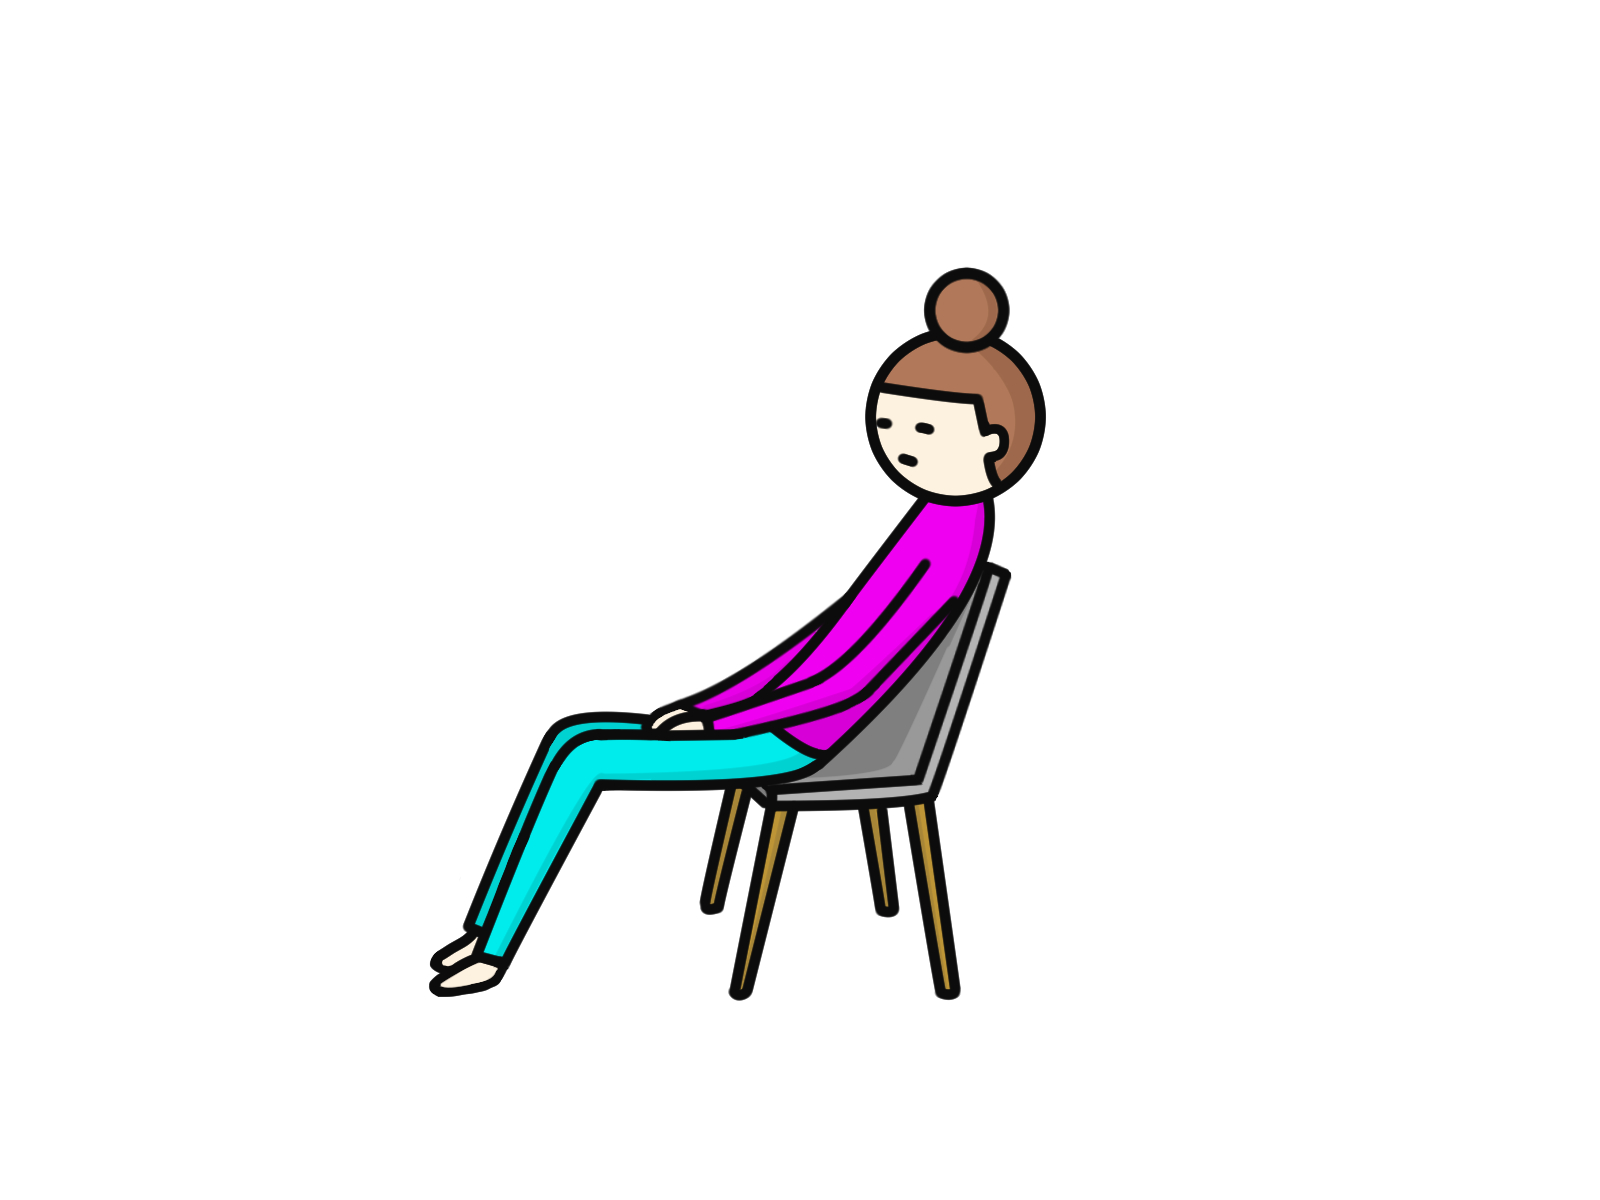 猫背改善の豆知識➃猫背になる座り方【保土ヶ谷区のパーソナル整体サロン】